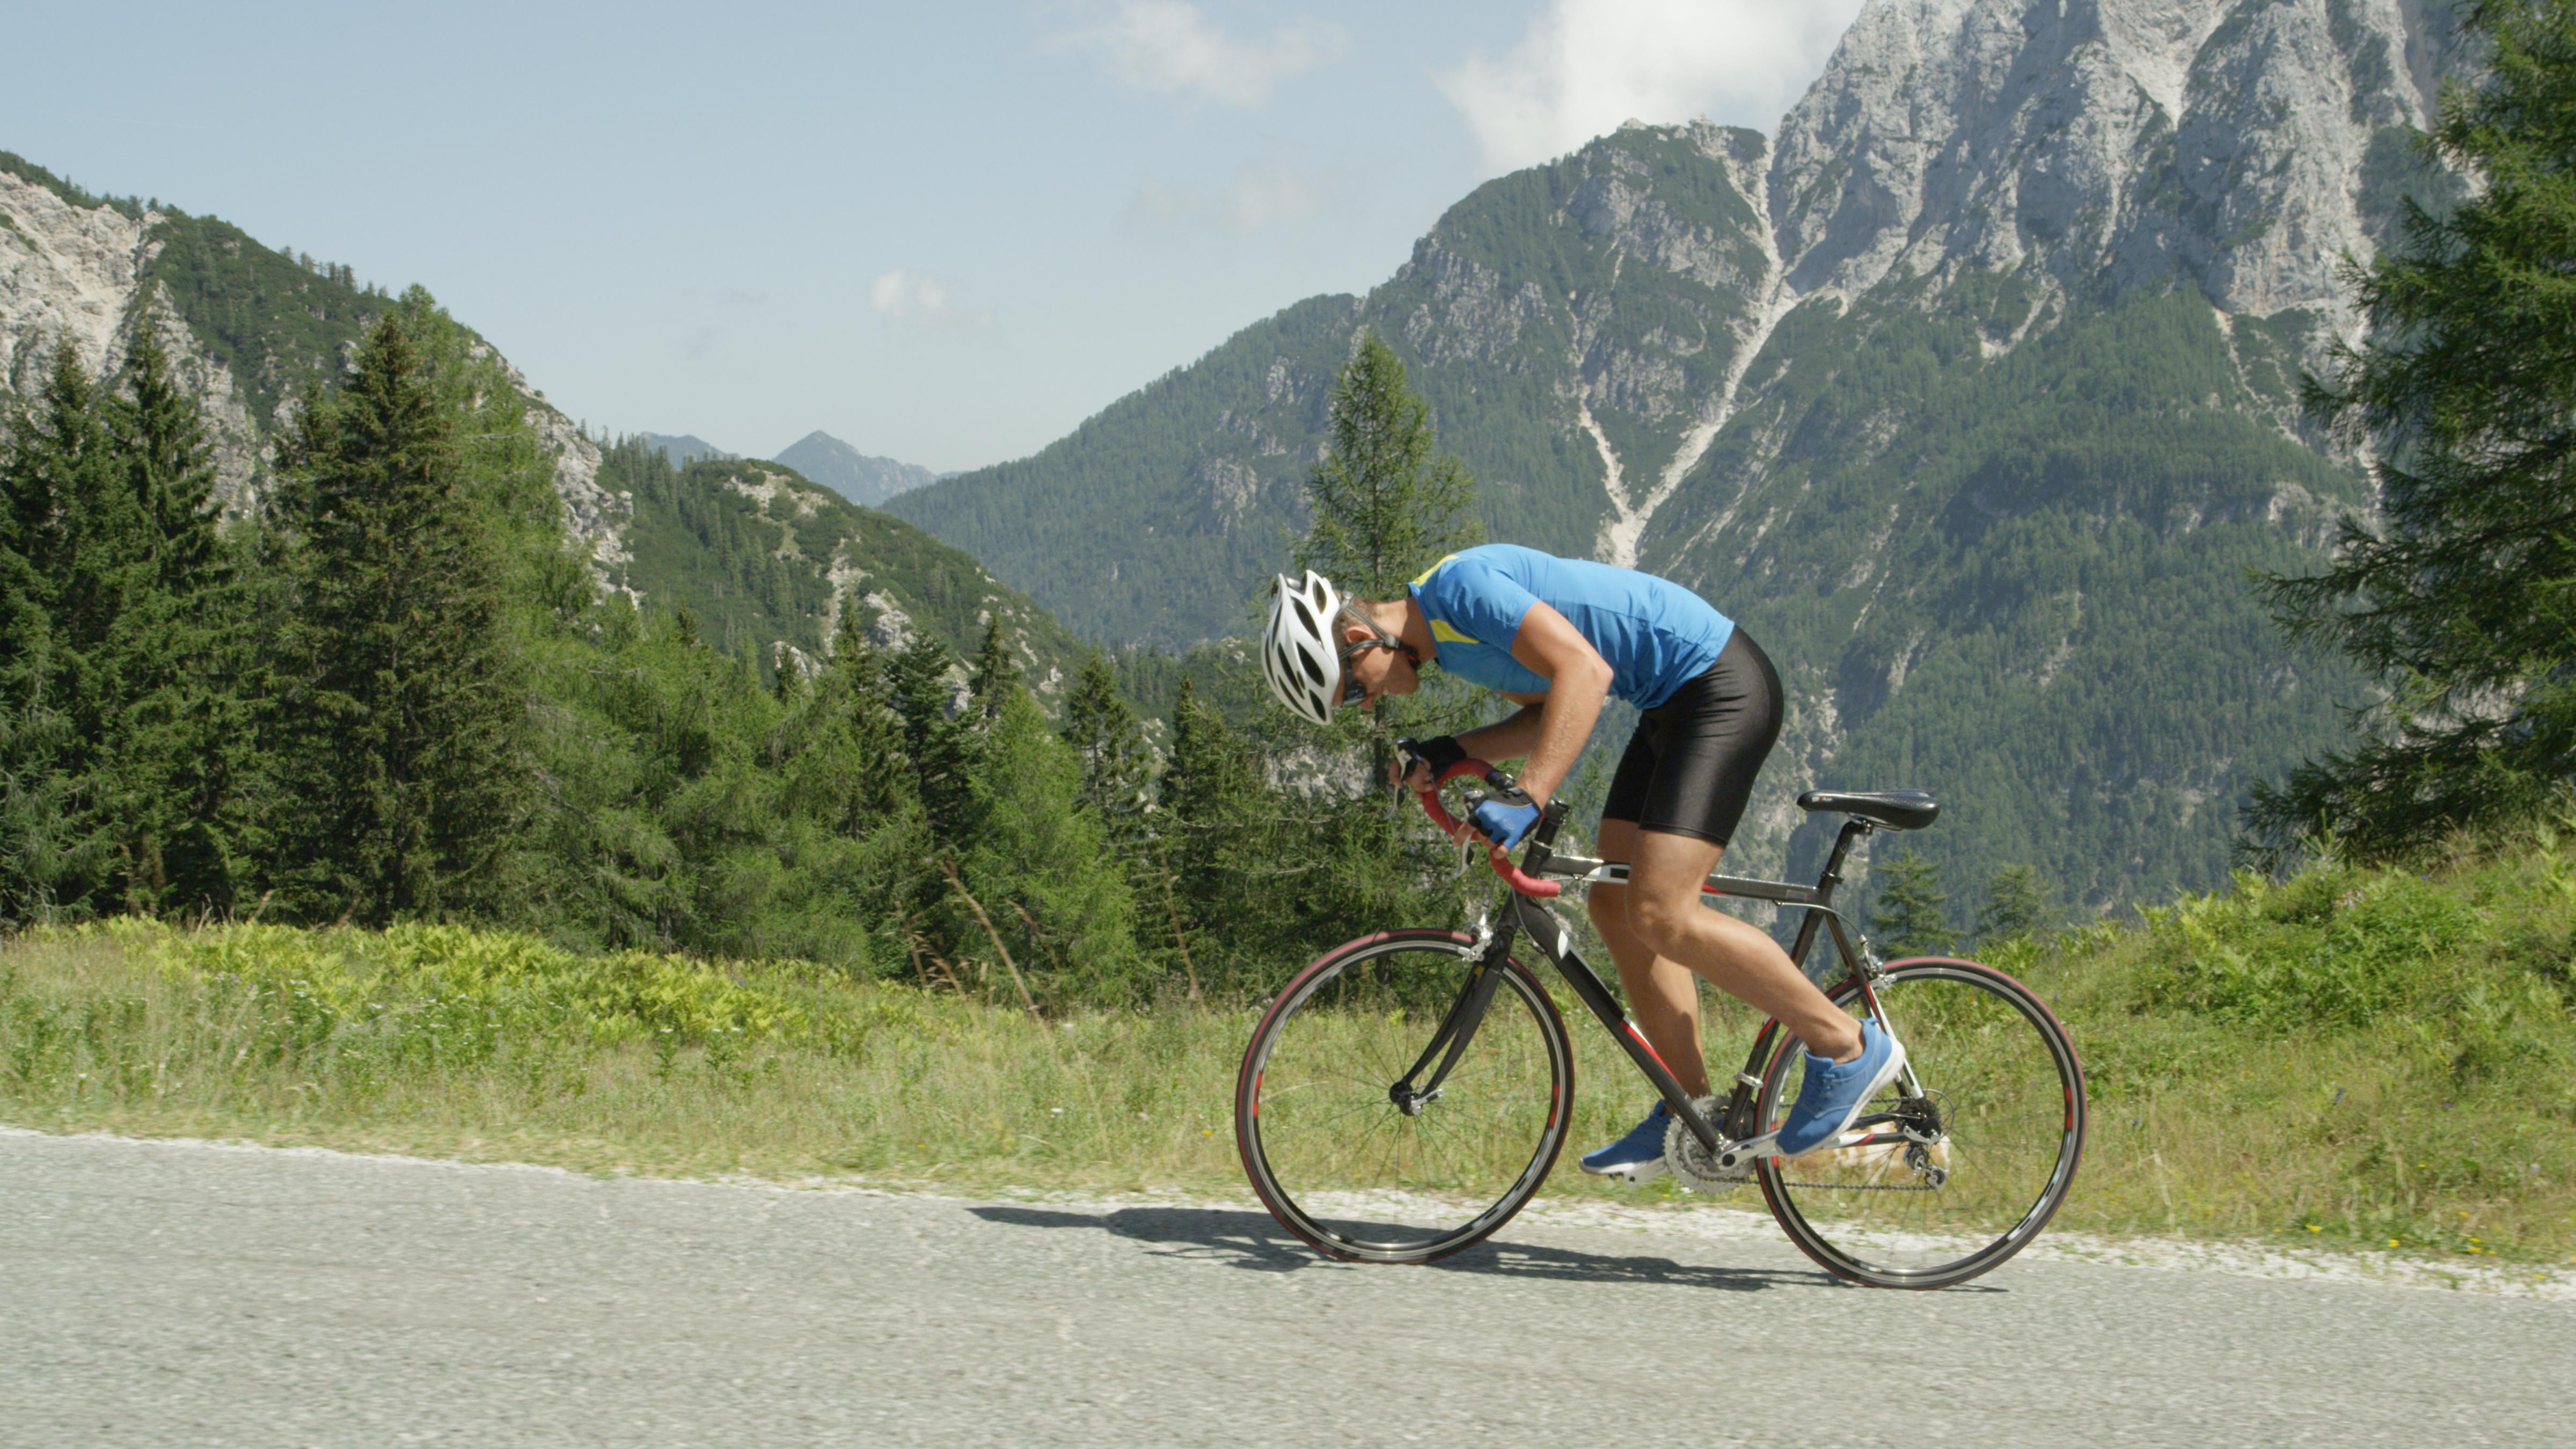 Comment grimper un col comme un vrai cycliste?